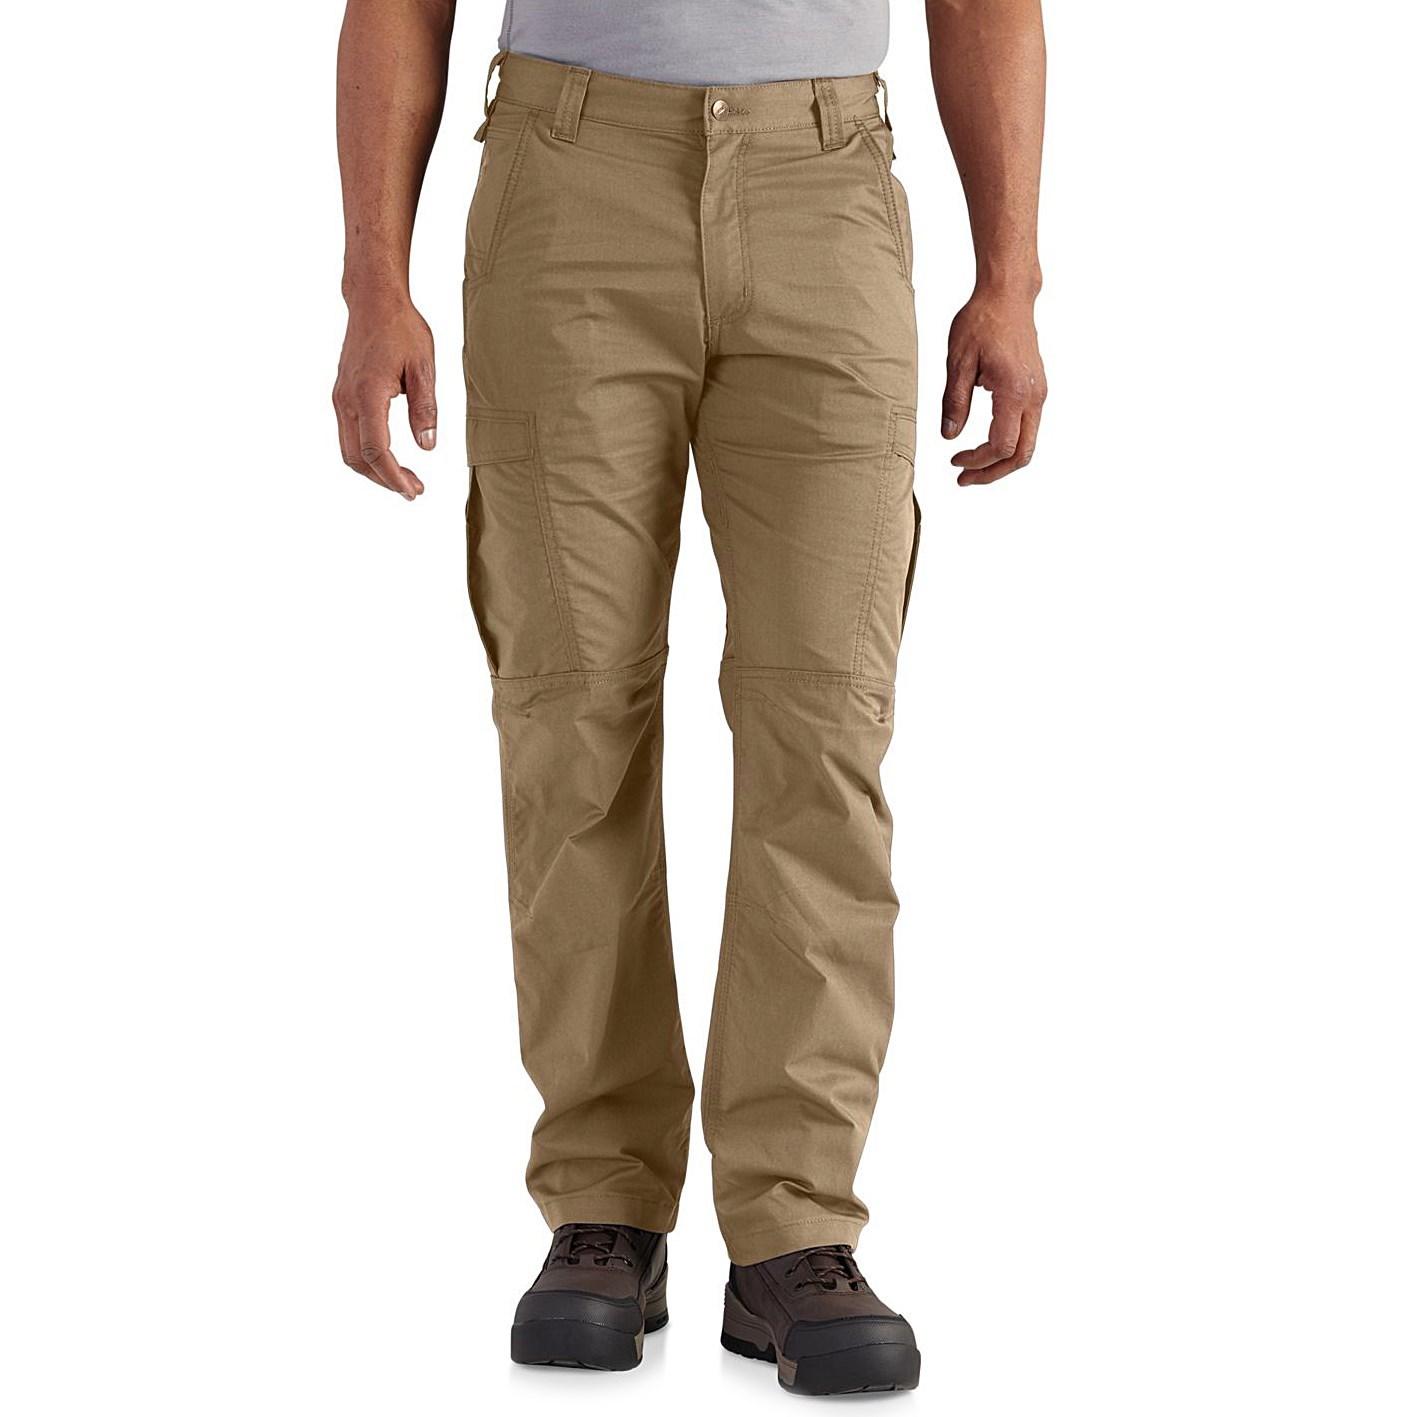 Dark Khaki Cargo Pants | Pant So